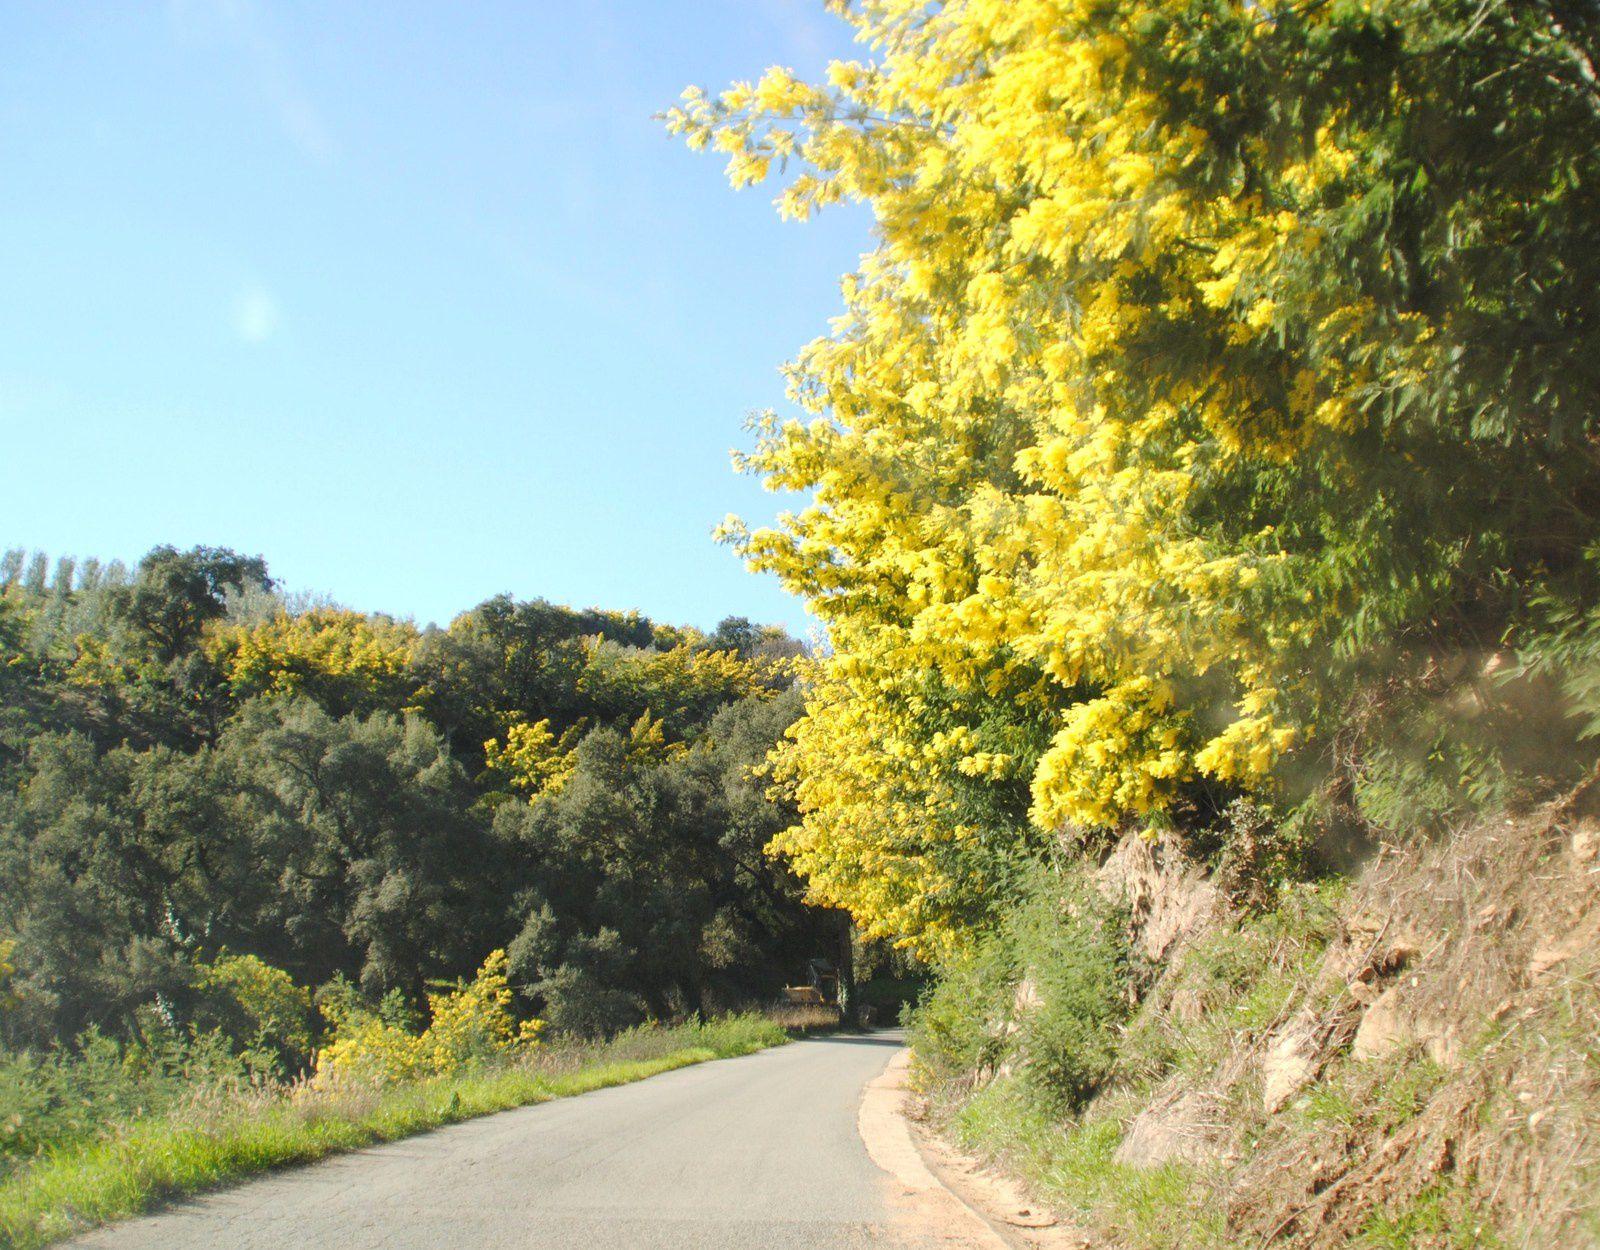 Magnifique balade ,du mimosa à perte de vue .Merci de votre visite ! à bientôt pour une prochaine balade d'ici et d'ailleurs .